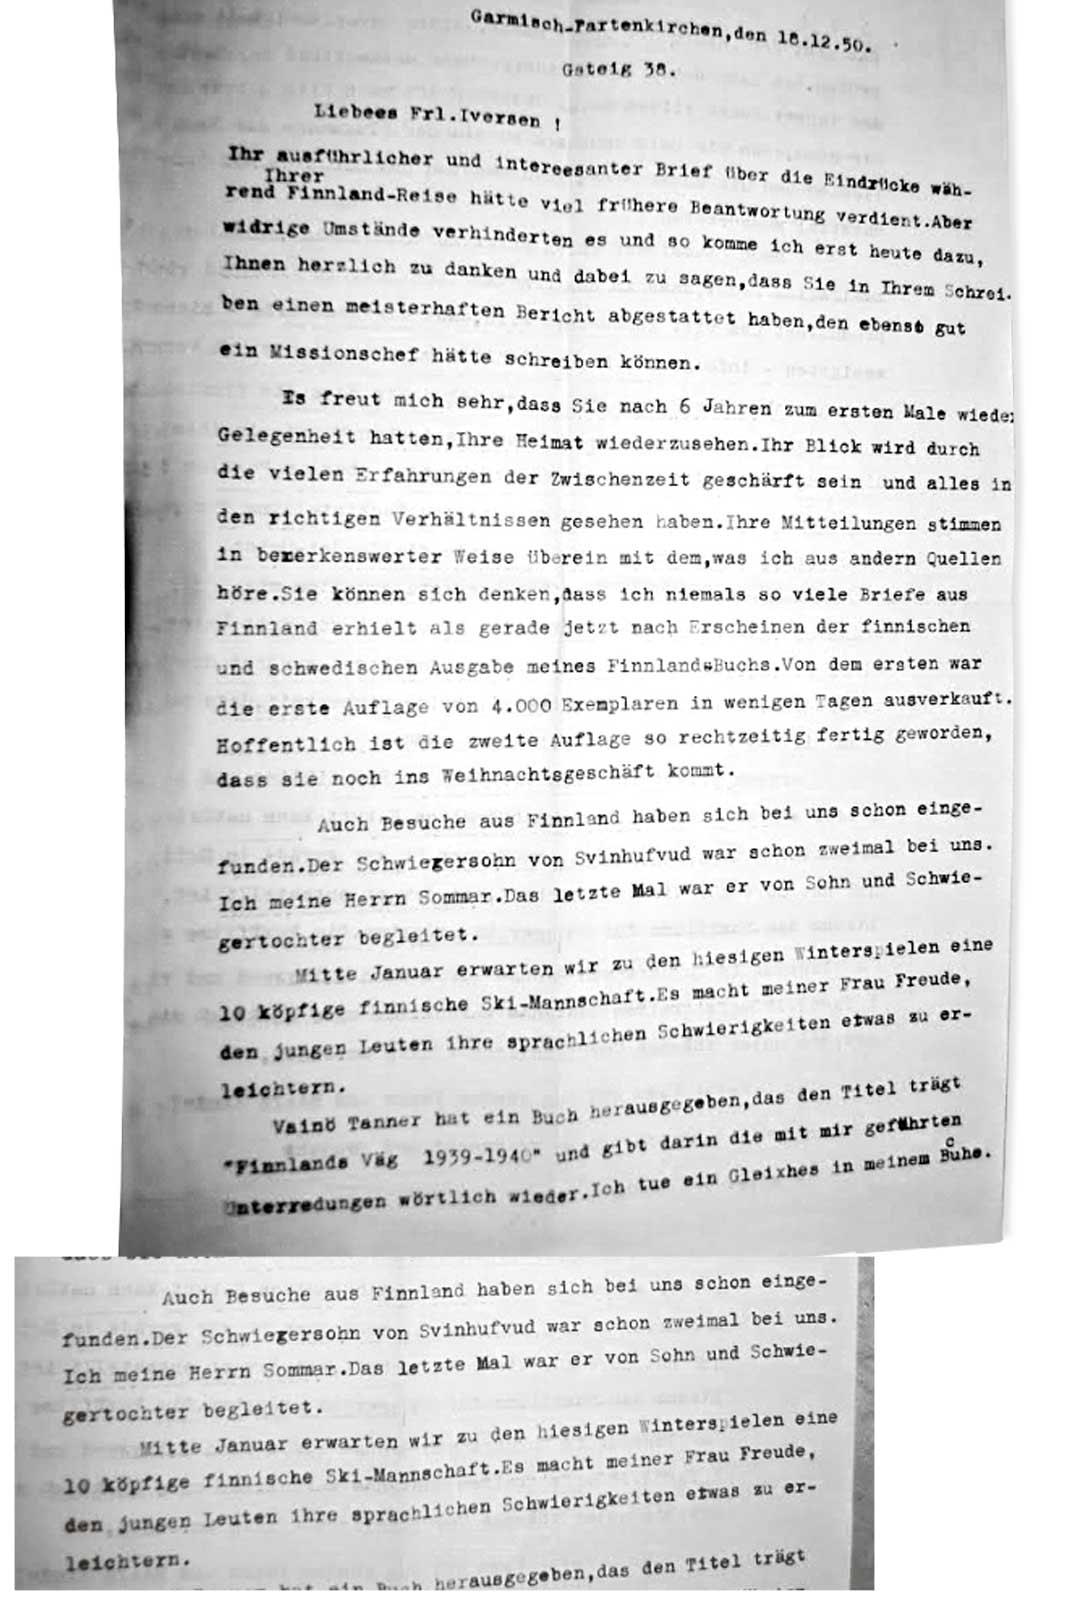 Entinen Saksan Suomen-lähettiläs Wipert von Blücher kertoi kirjeessään vuonna 1950 huvilallaan käyneistä suomalaisvieraista ja mainitsi Väinö Tannerin kirjan.